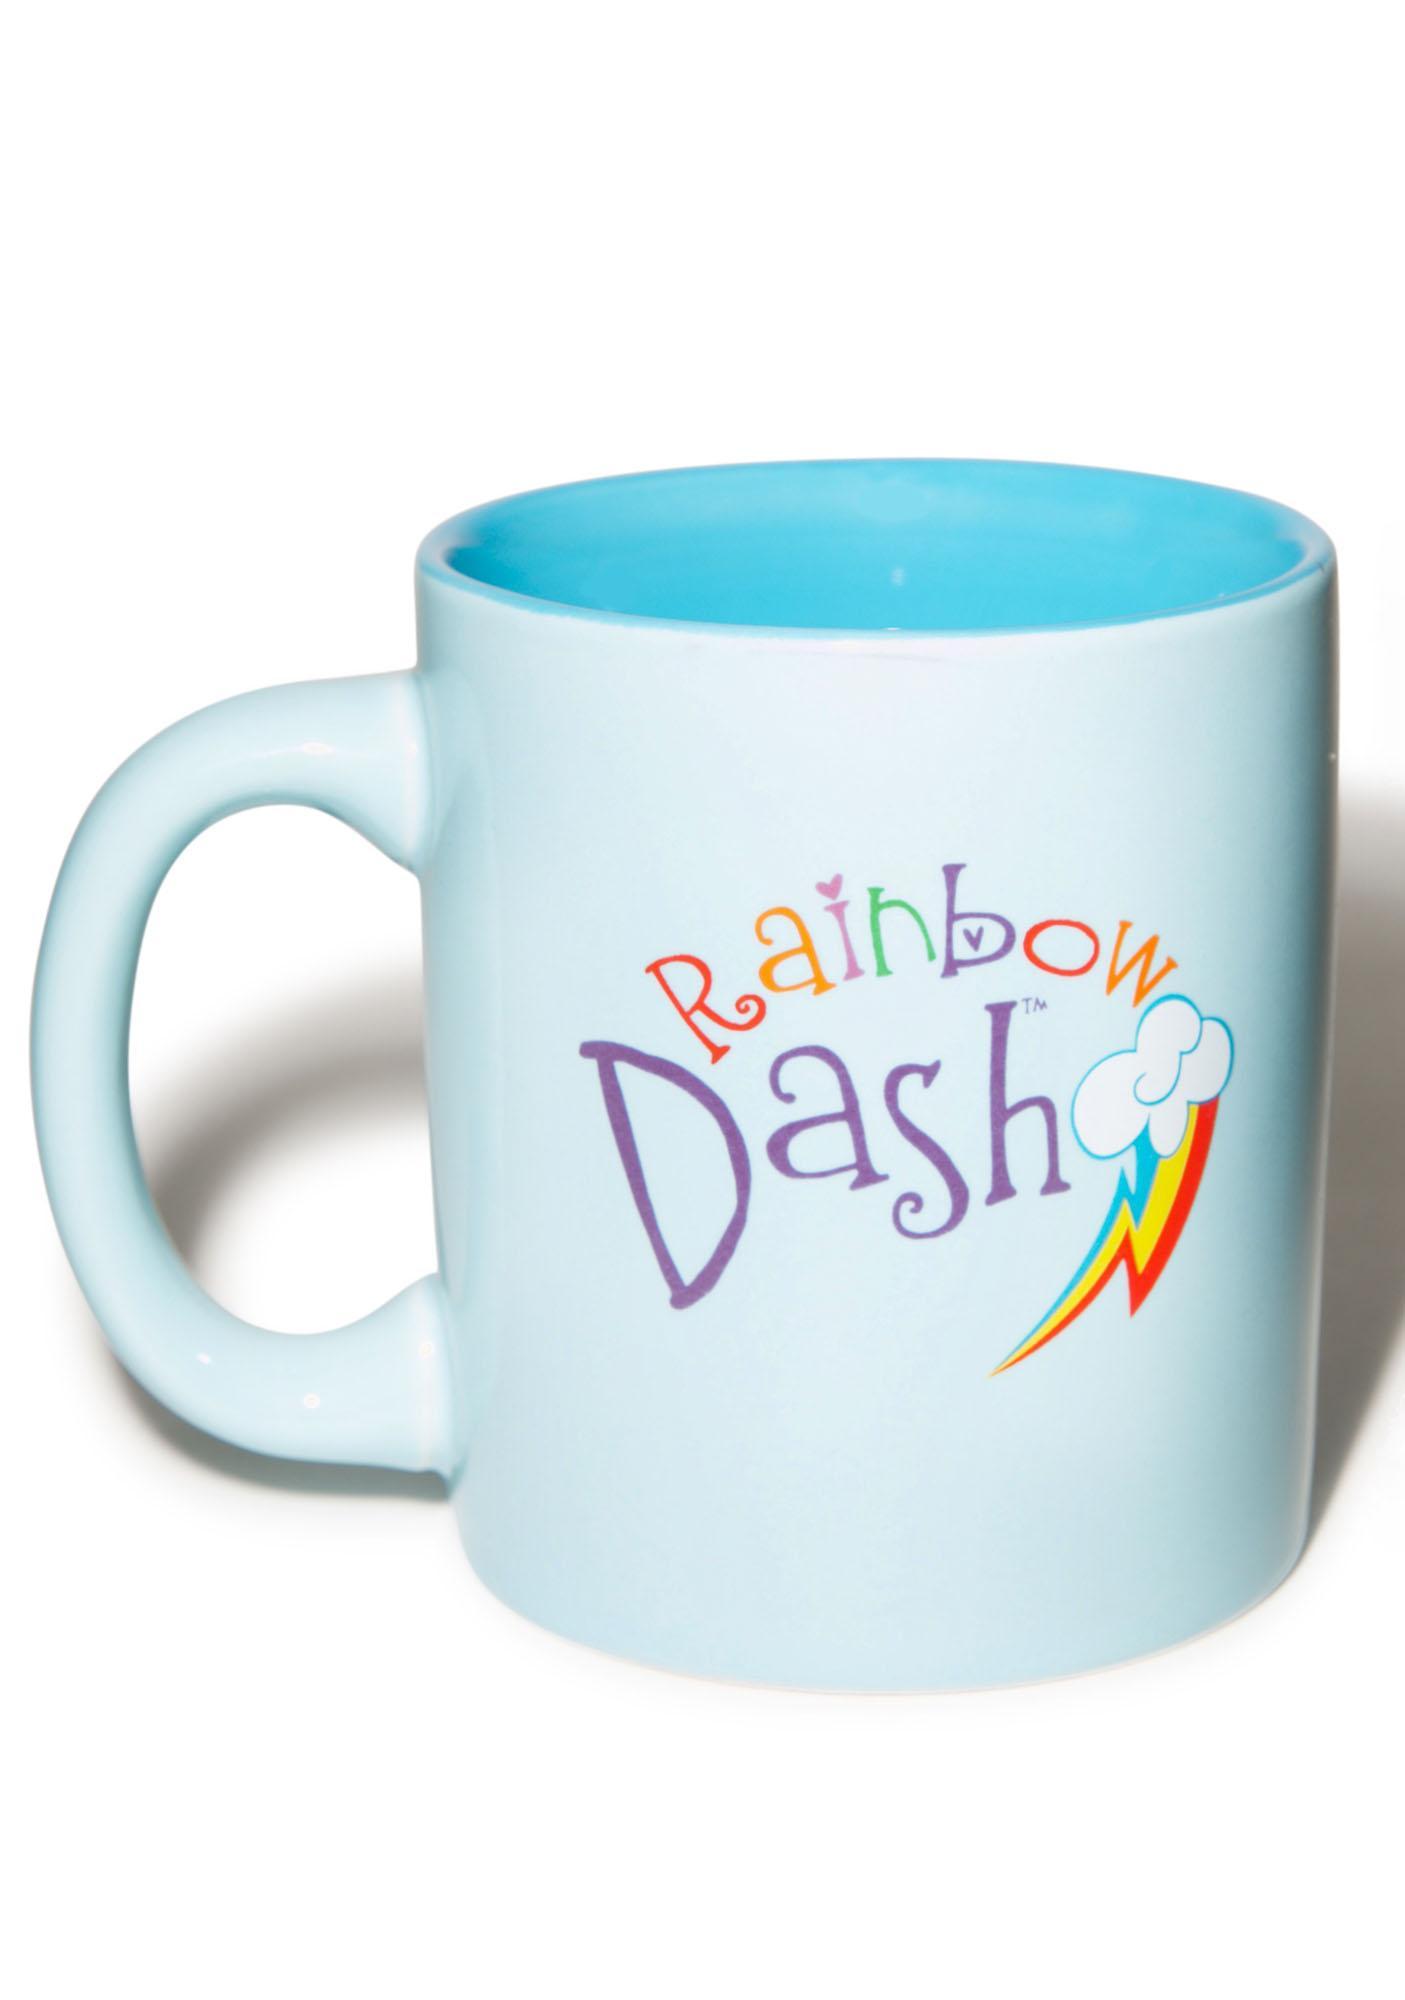 Rainbow Dash Ceramic Mug